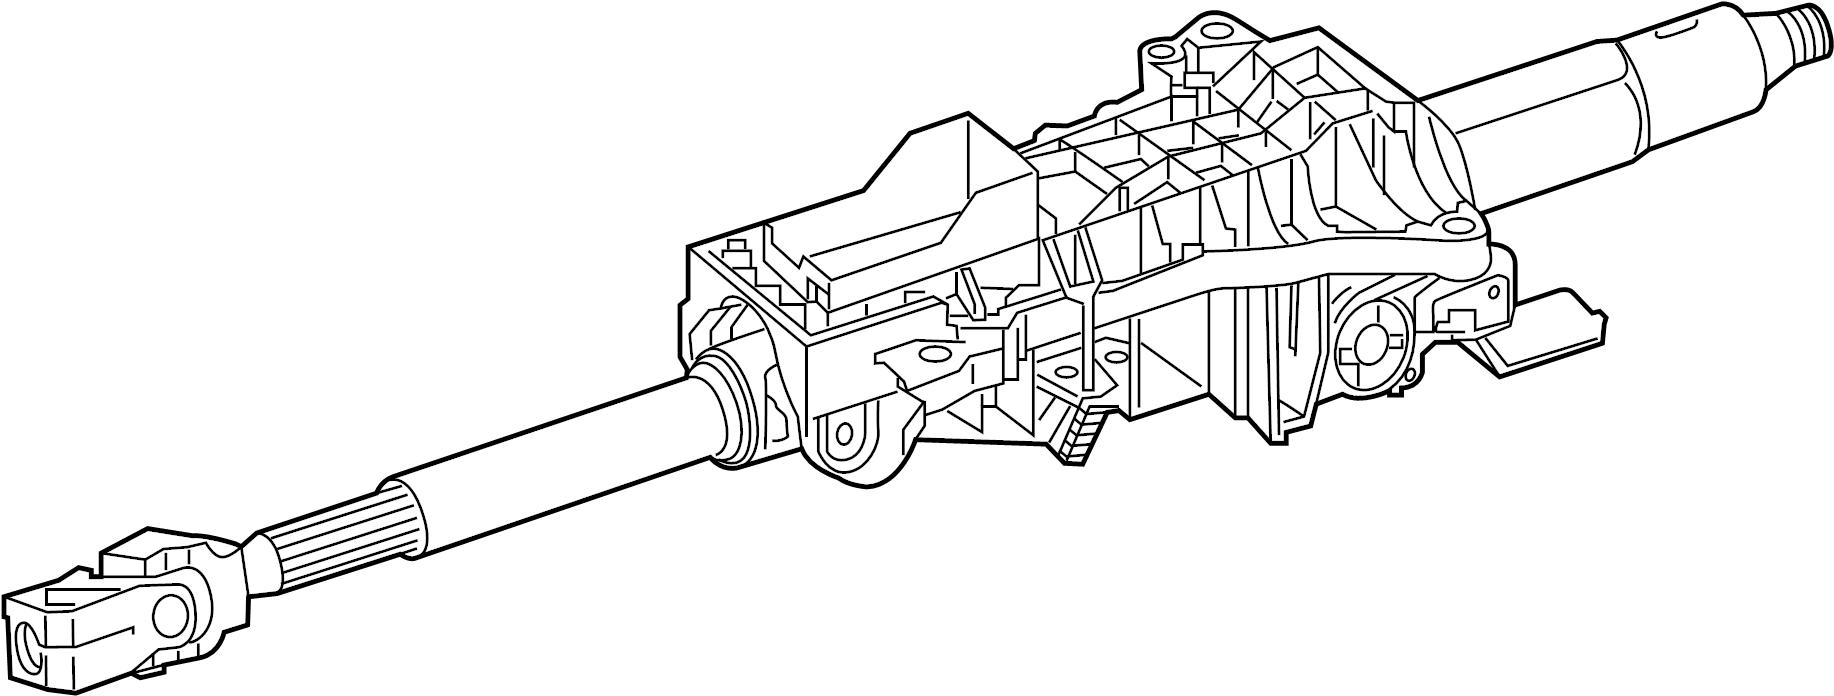 Nissan Pathfinder Plate Side, Power Steering Pump. PWR